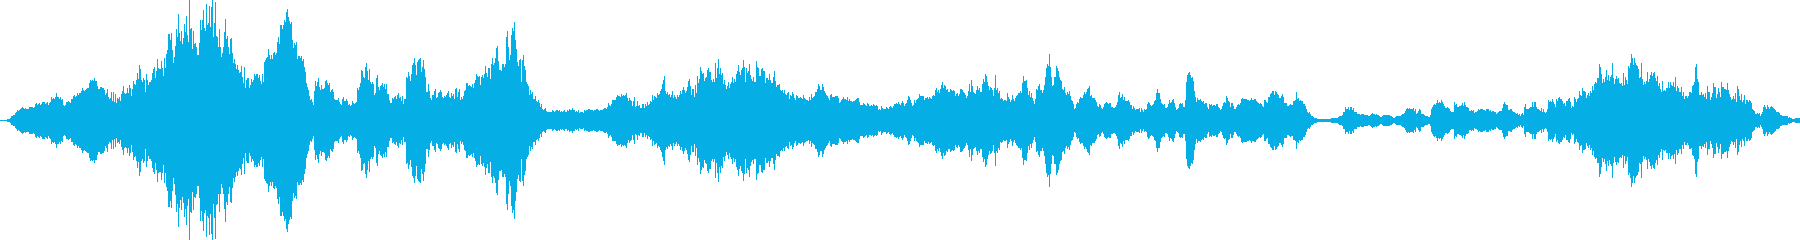 サスペンス。バイオリンスリックのビ...の再生済みの波形